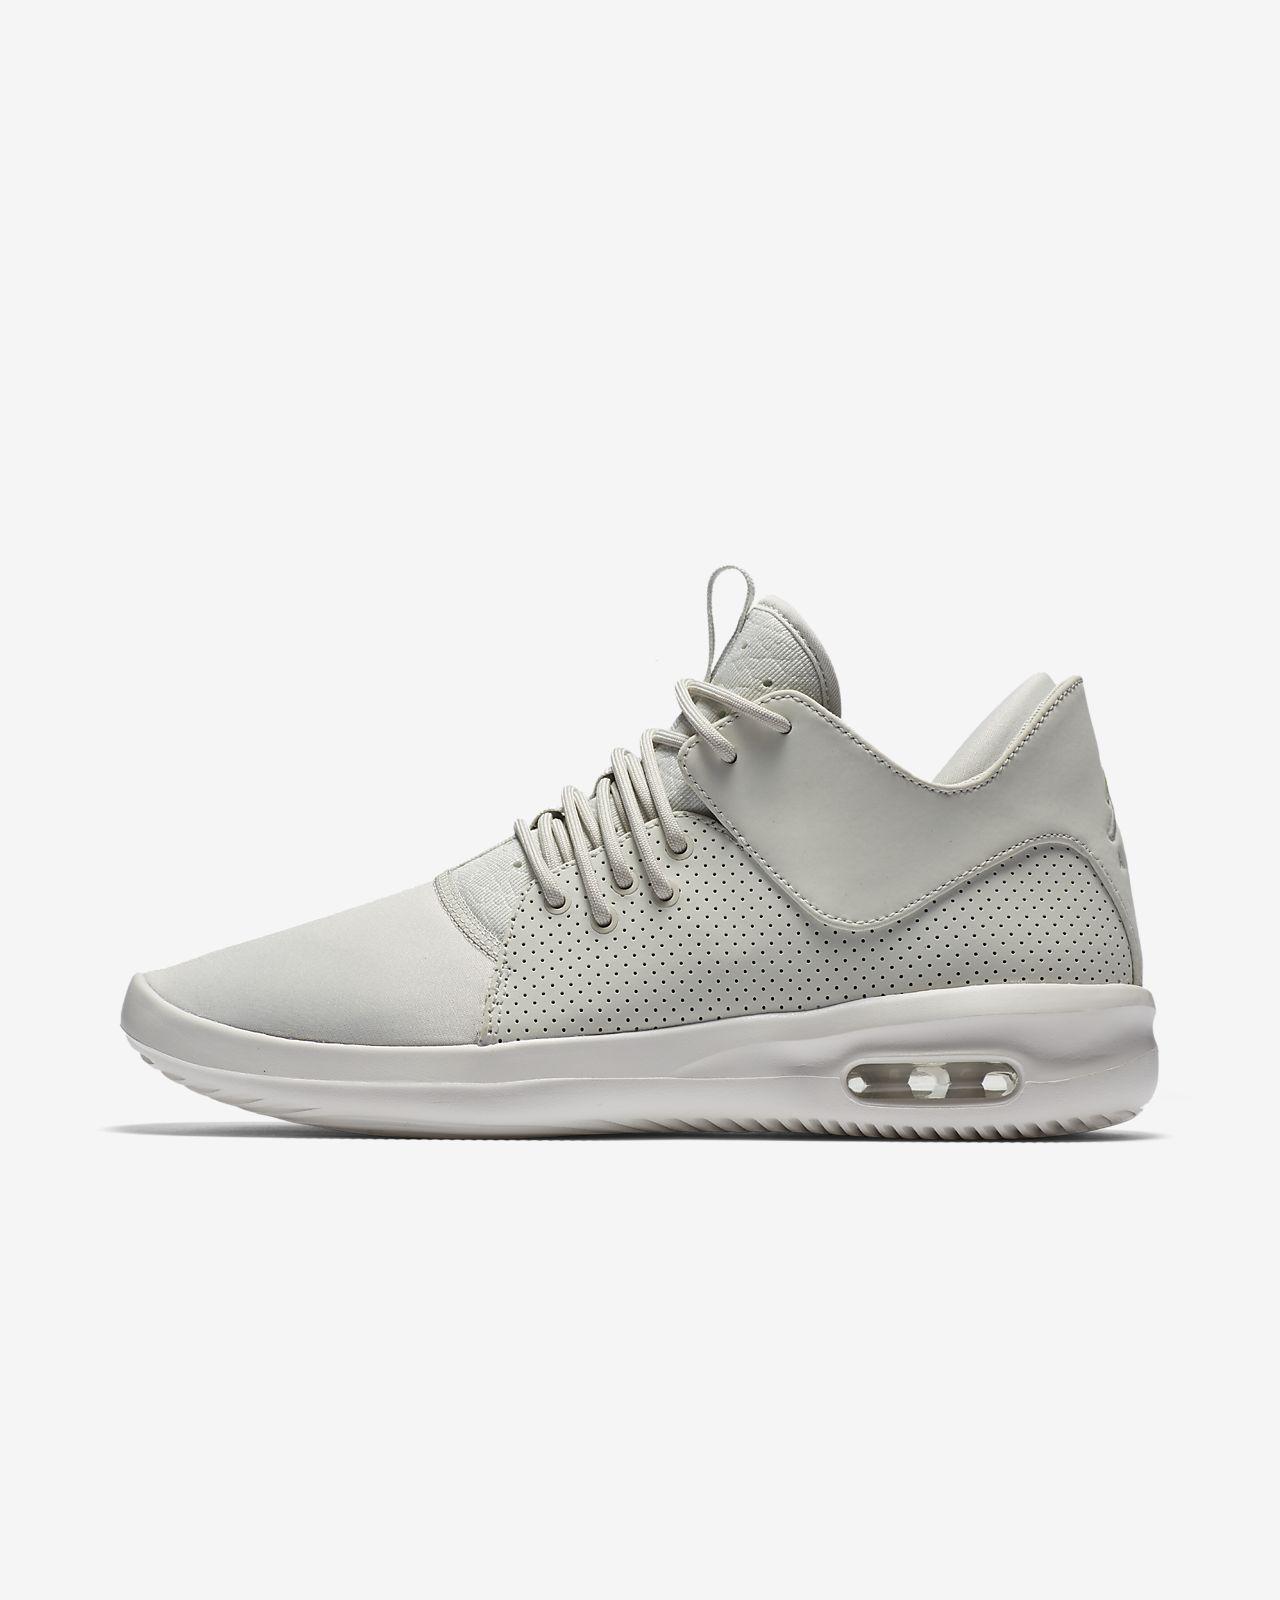 Nike Air Jordan First Class Basketbalové Boty - Pánská Obuv Bílé (53794-NJA) d77a051a3a